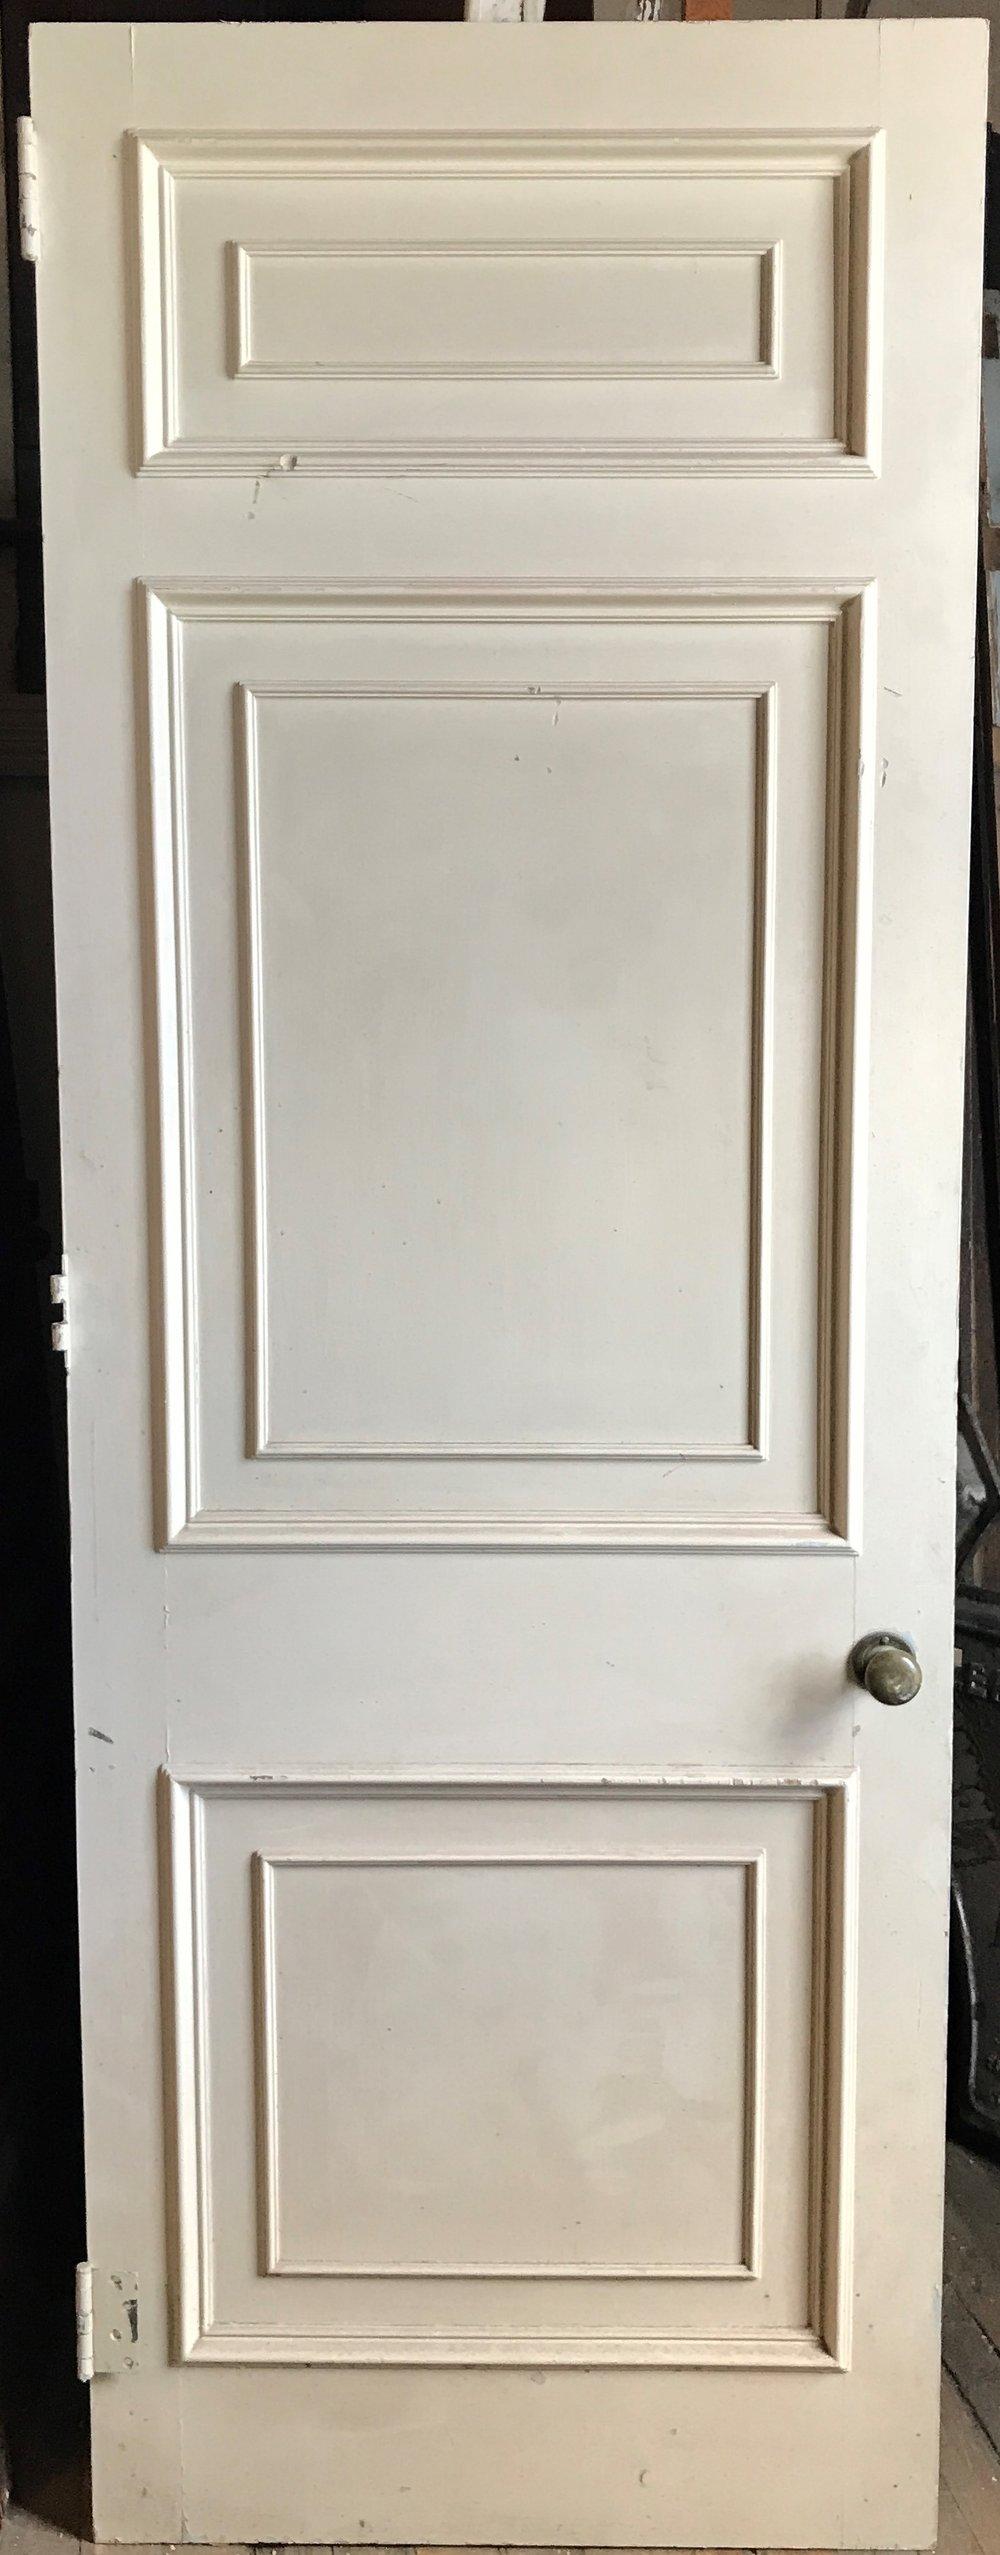 Antique 3 Panel Door